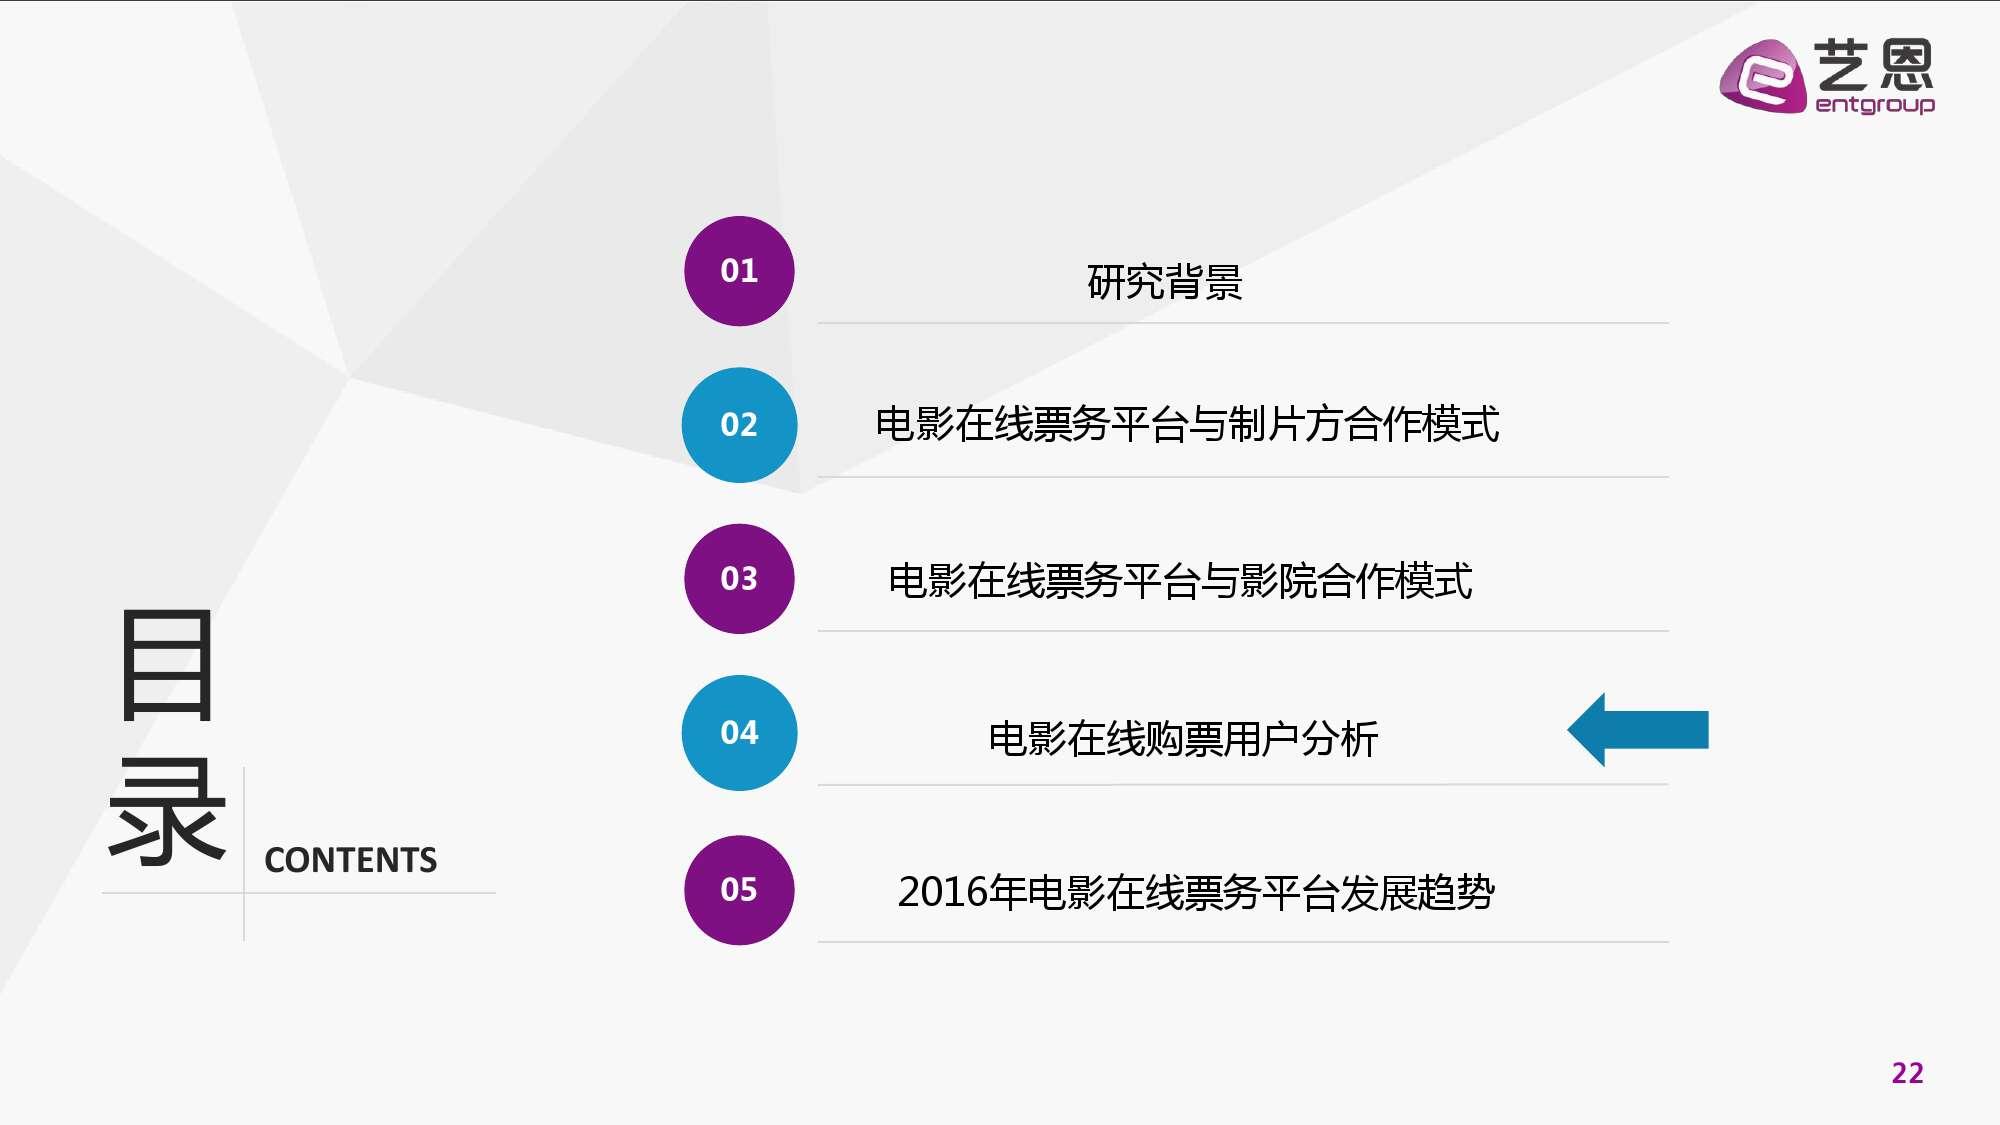 2016年中国电影在线票务市场研究报告_000022